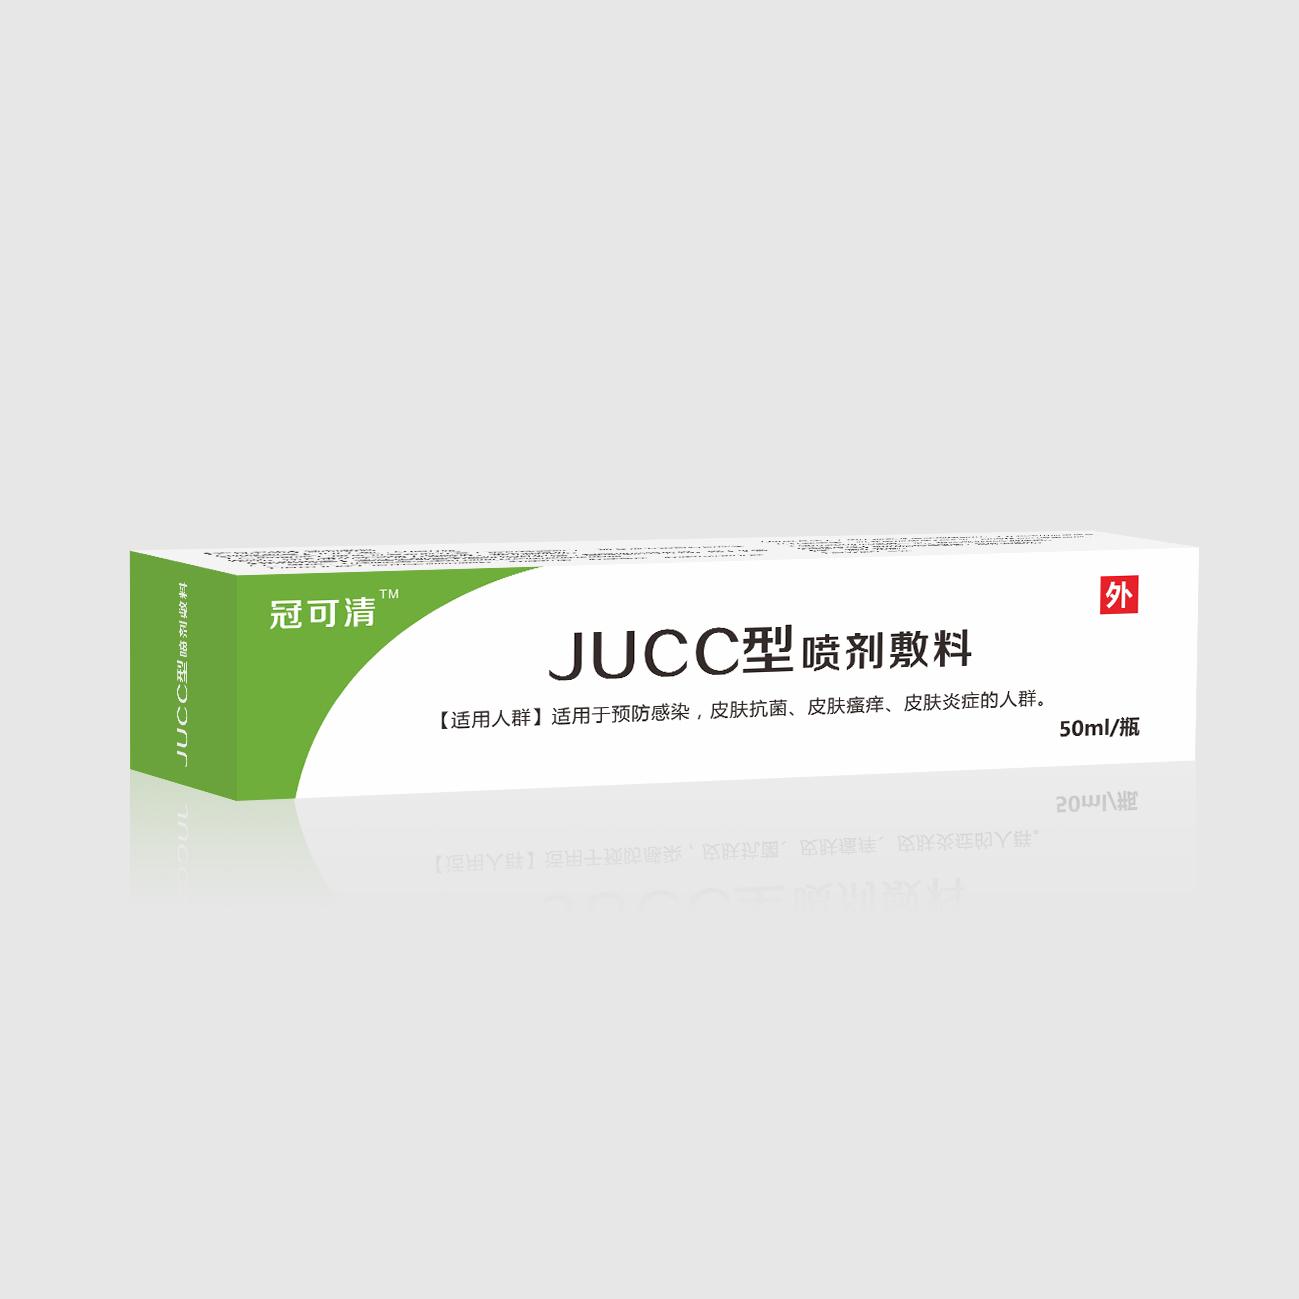 長效抗菌噴劑敷料/季銨鹽抗菌噴劑/皮膚科全科品種